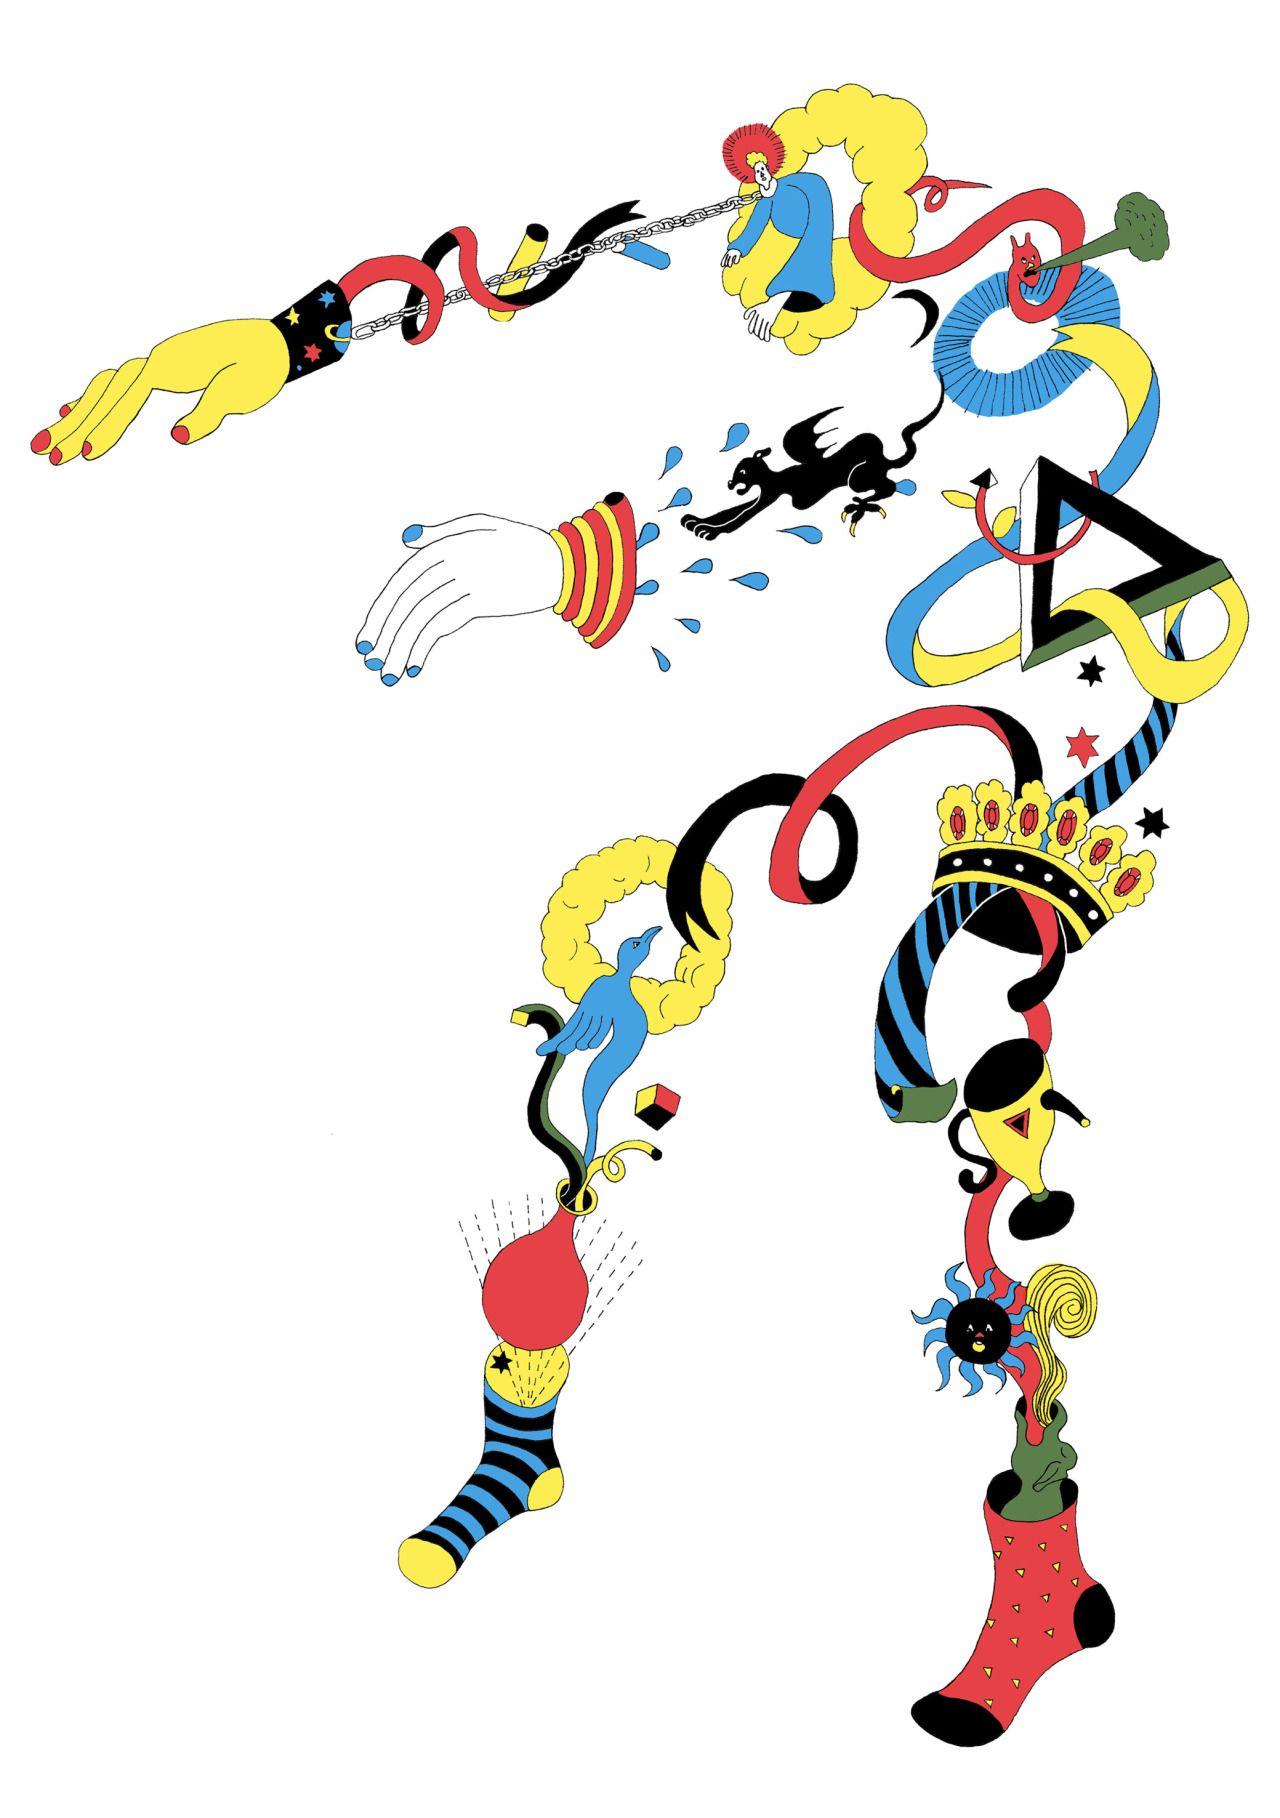 """inzpired: """" pizzzatime: """" wakanayamazaki: 「オカルト2」2013 """" Art+Design+Fashion+Interiors @ inzpired.tumblr.com """""""